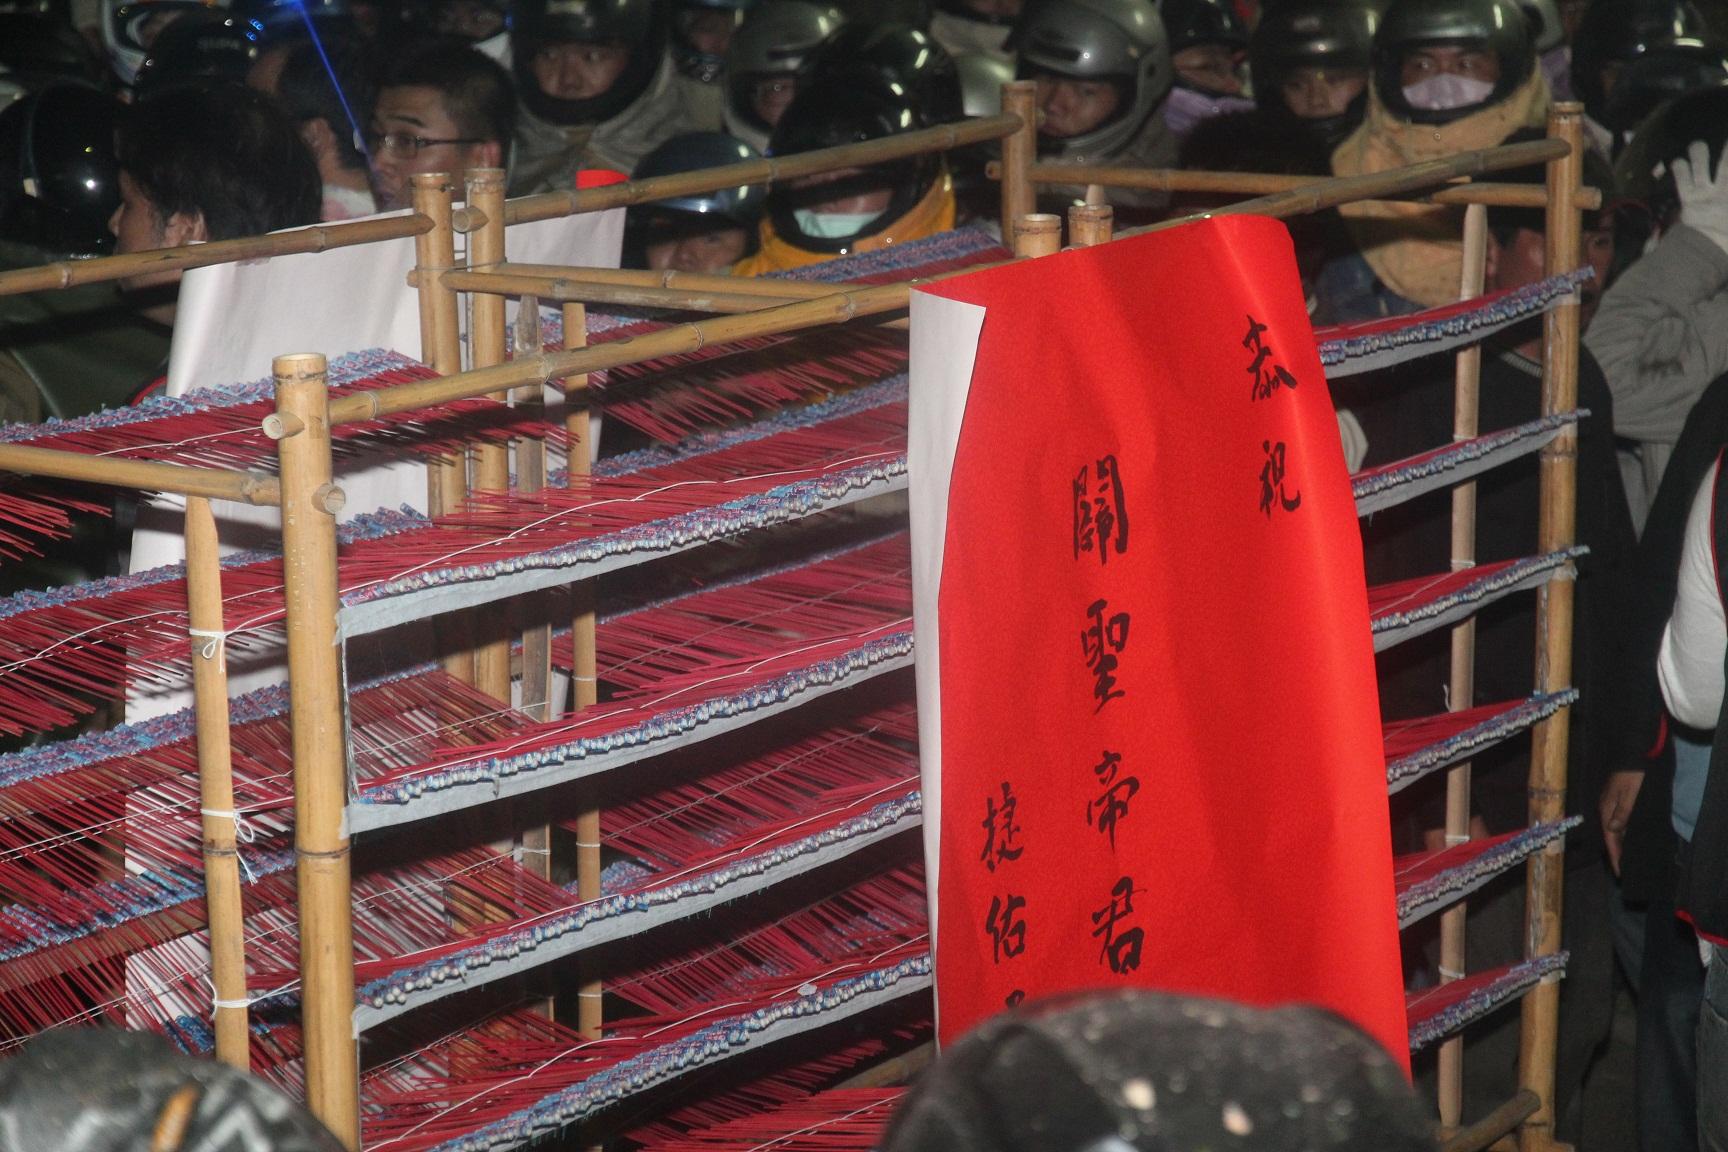 台湾慶元宵-塩水蜂炮(爆竹祭り)